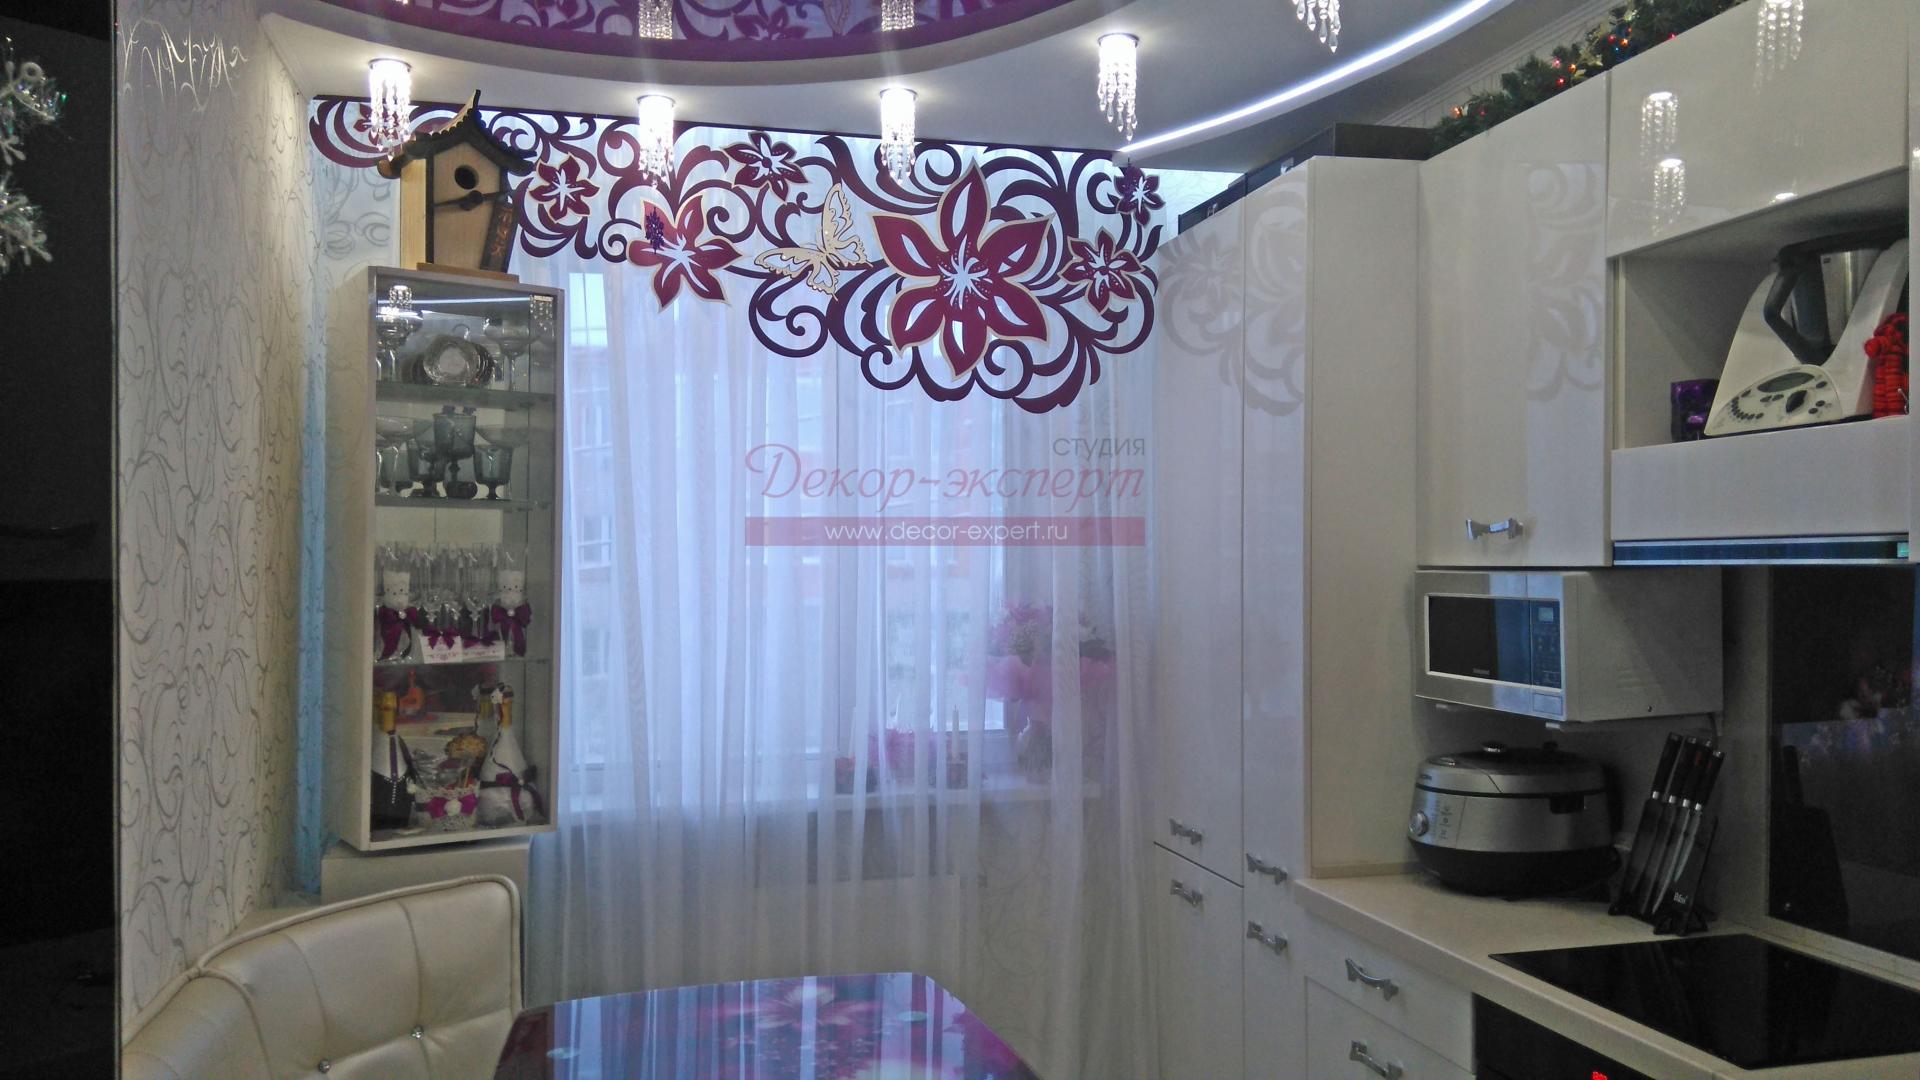 Ажурный ламбрекен яркий клематис и тюль на окне в кухне у Светланы